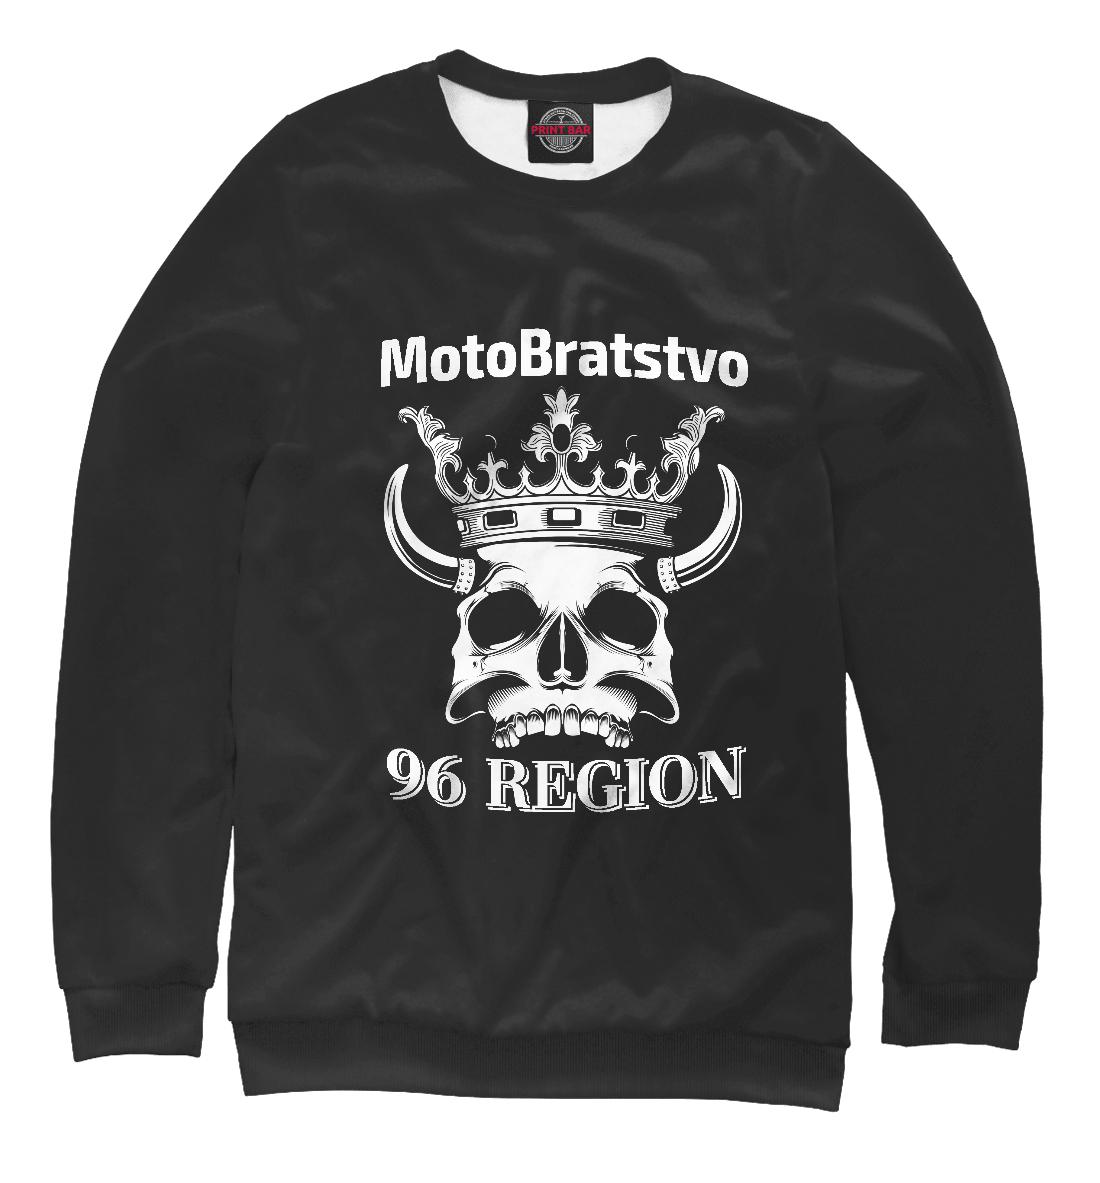 Купить Мотобратство 96 регион, Printbar, Свитшоты, APD-796297-swi-1